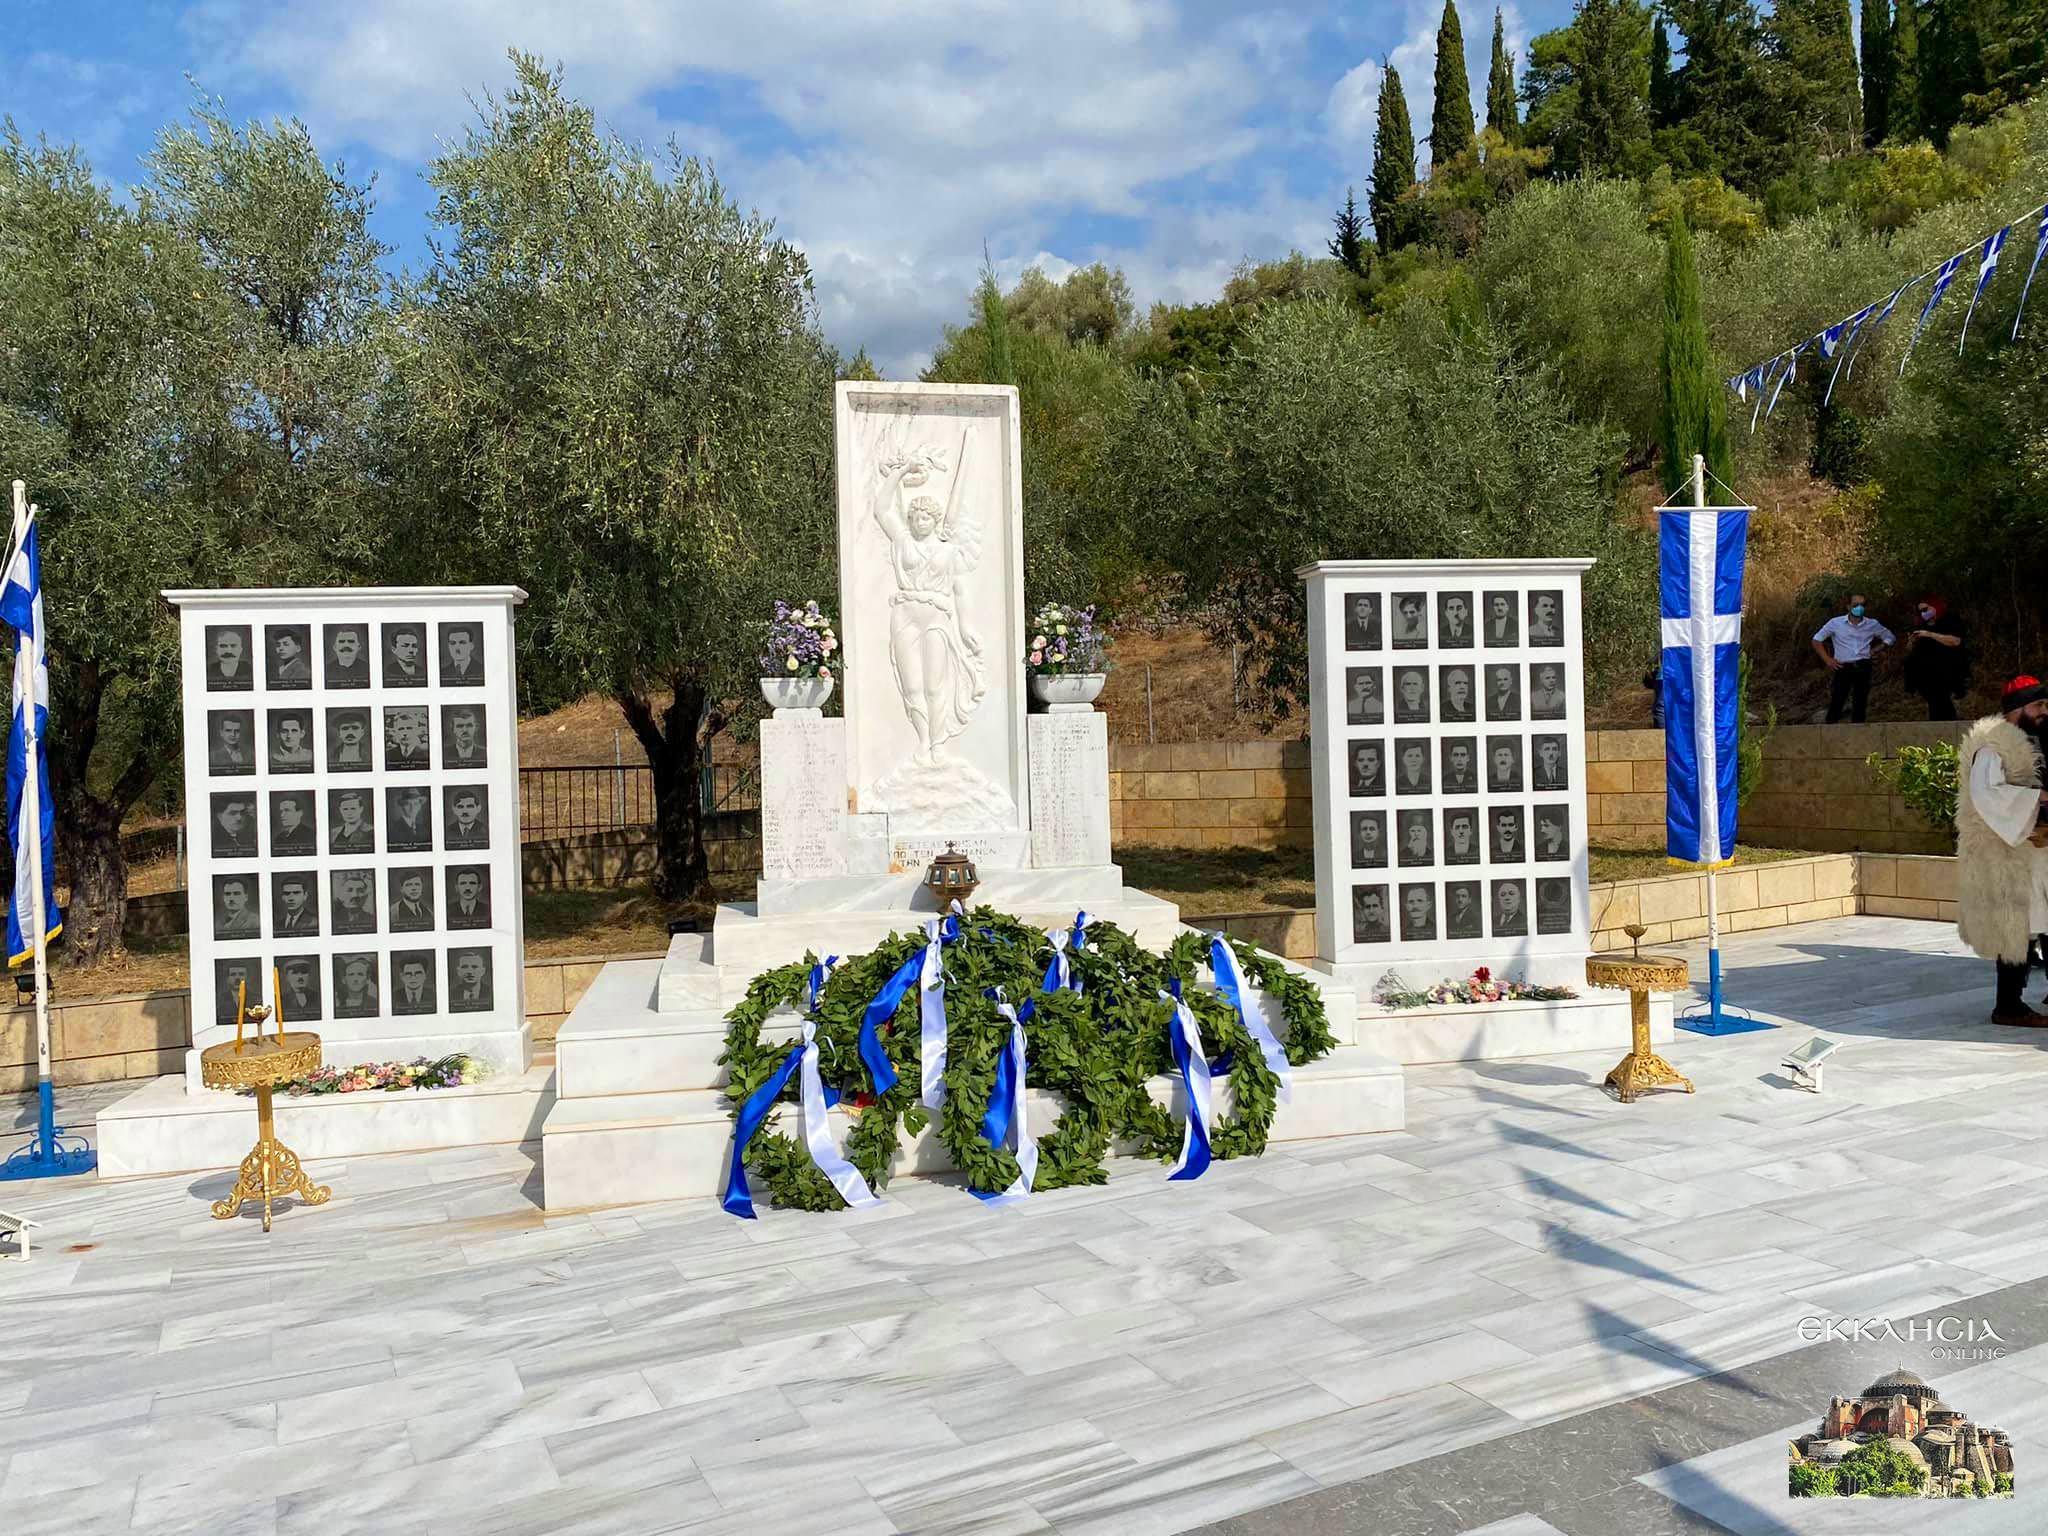 49 εκτελεσθέντες Ήπειρος μνημείο